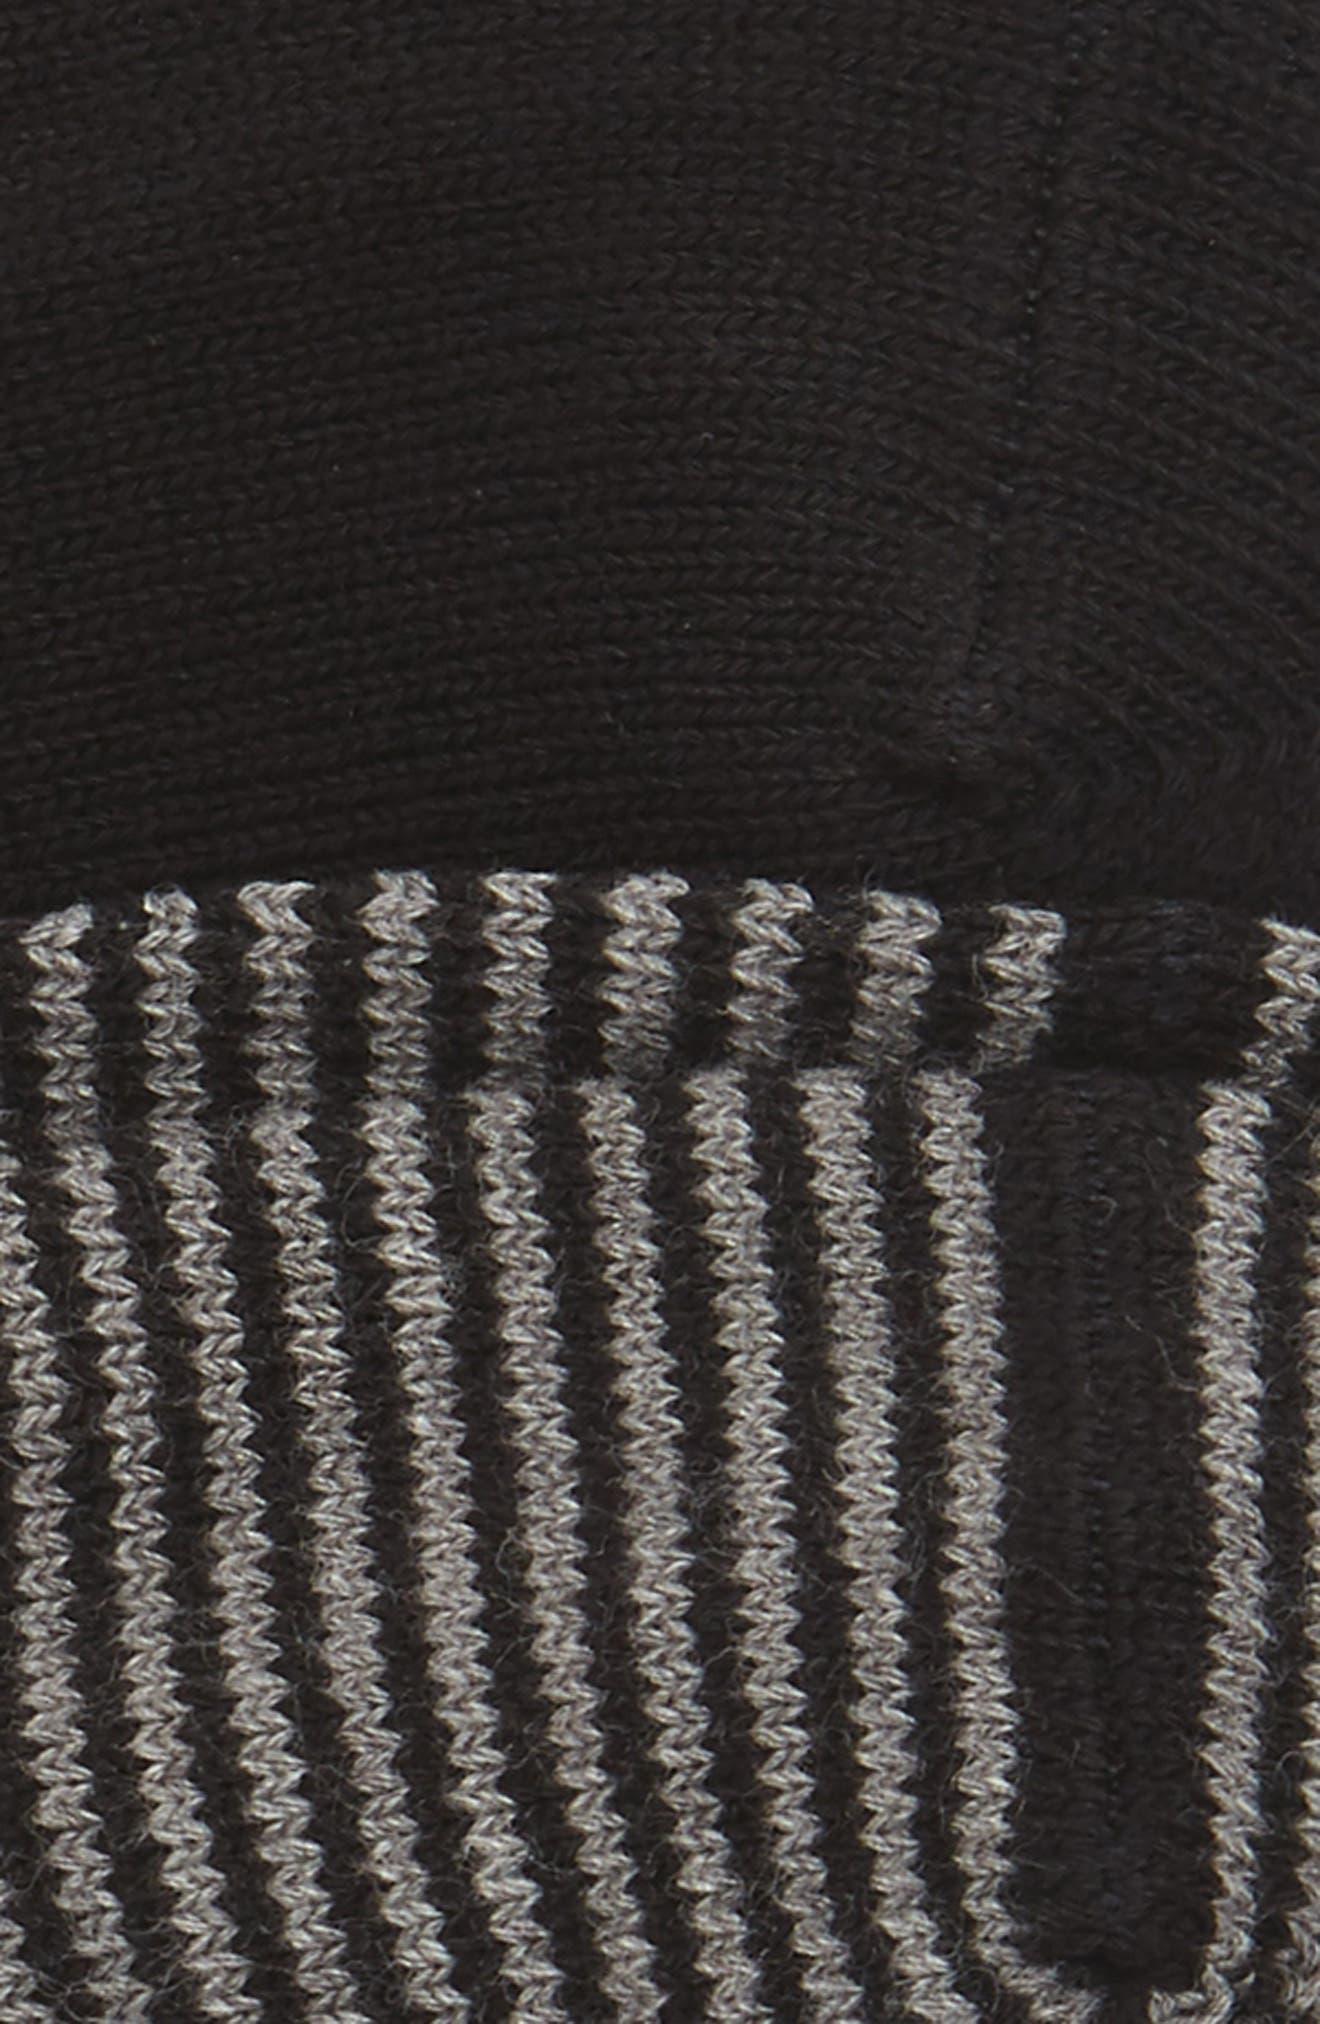 2-Pack Loafer Liner Socks,                             Alternate thumbnail 2, color,                             Black/ Black- Grey